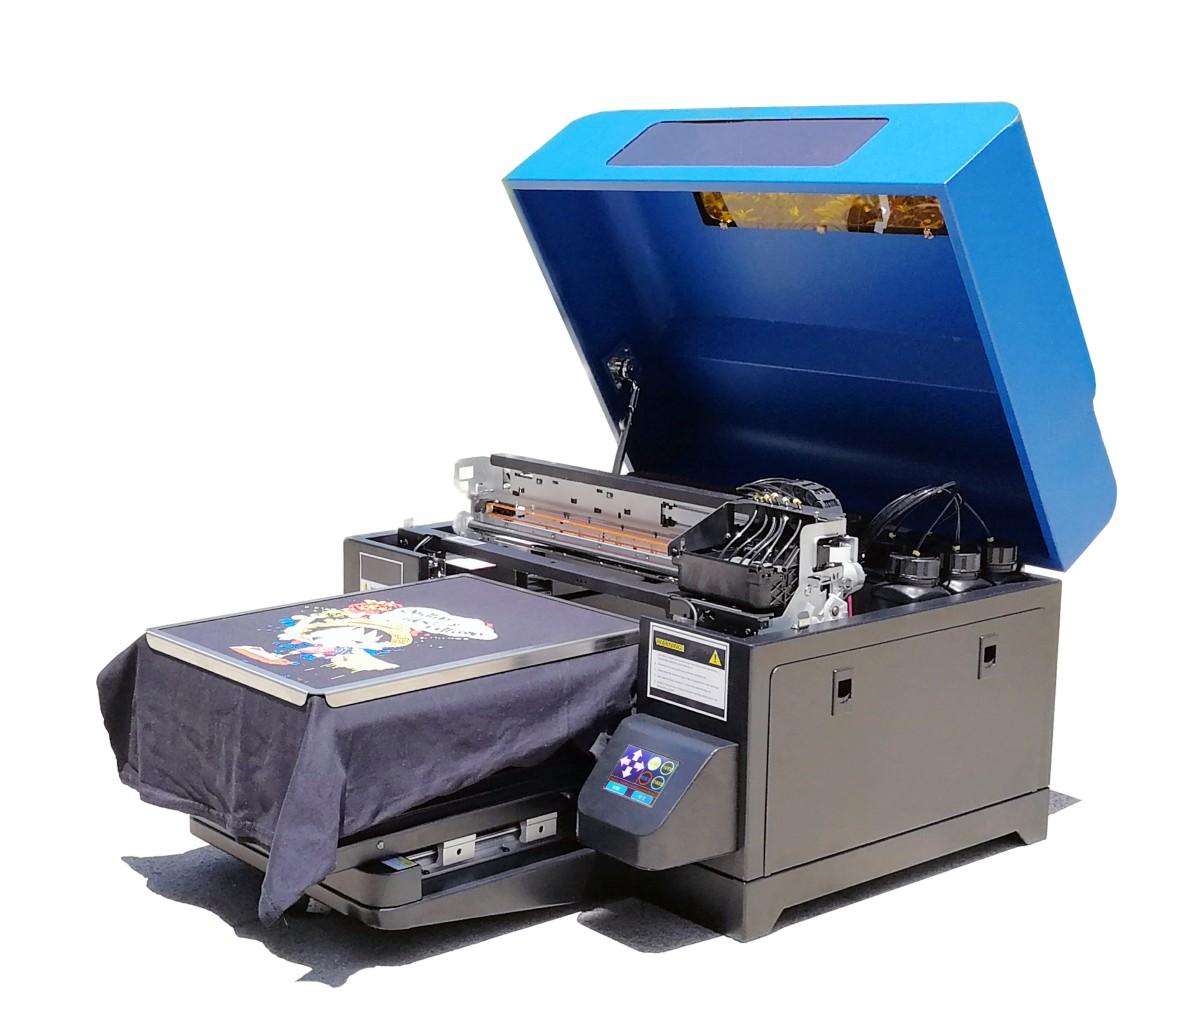 A3 DTG цифров мастиленоструен принтер за тениски, насочен към машина за печат на дрехи